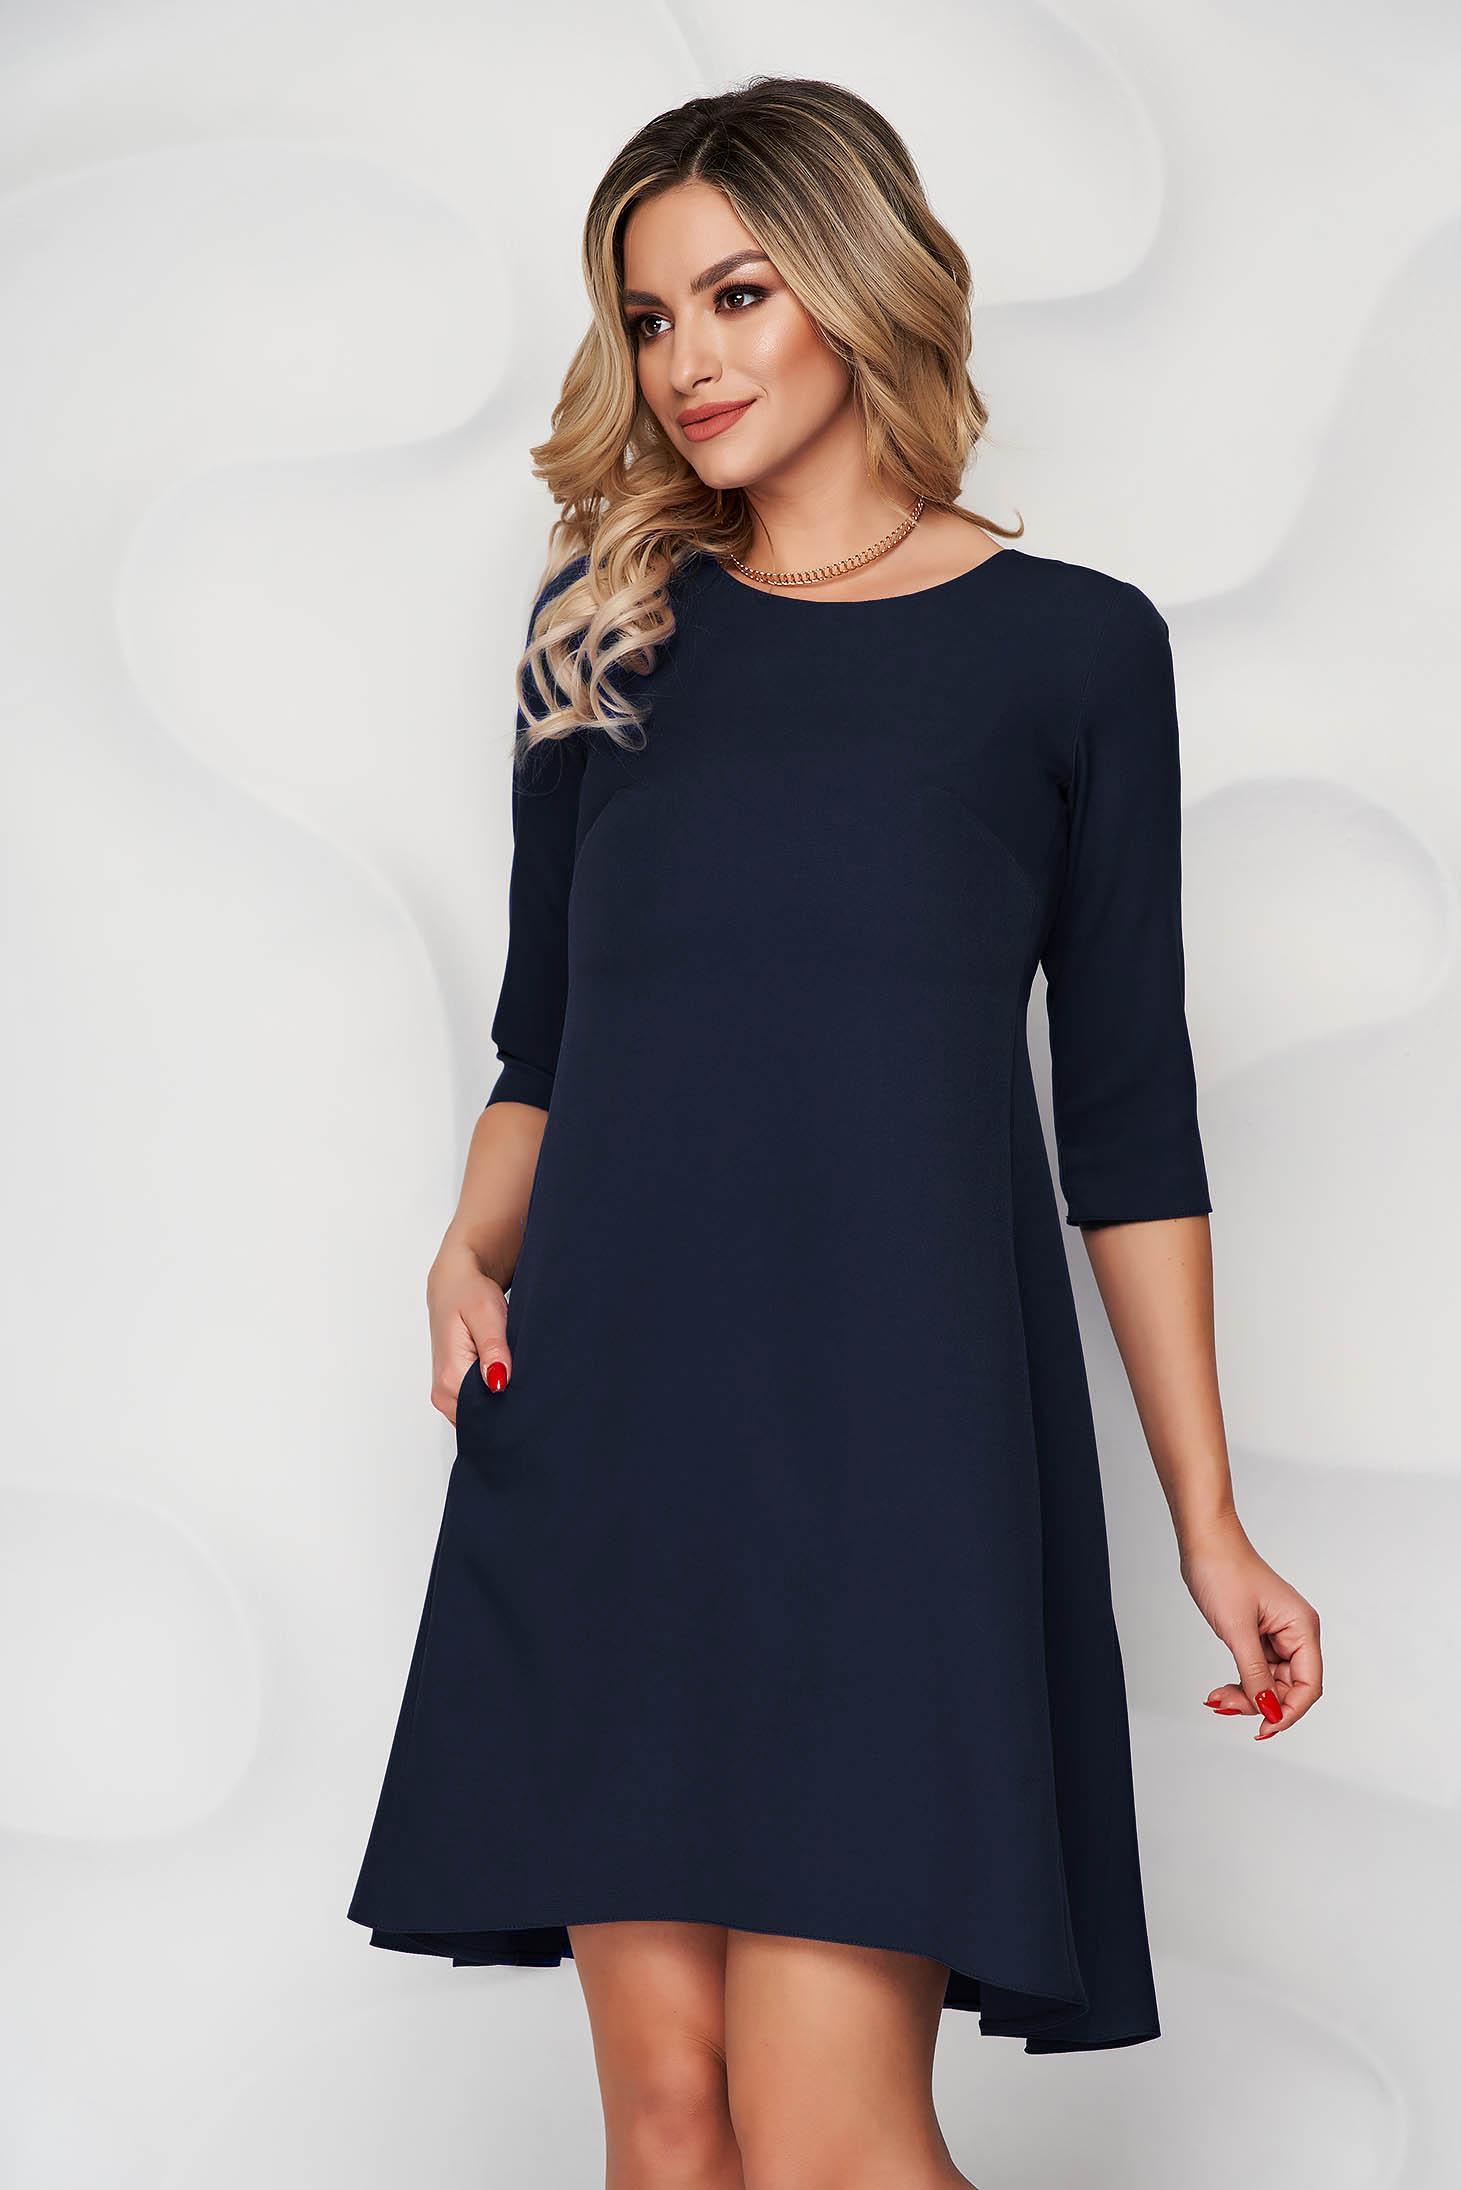 Rochie albastru-inchis cu croi in a din stofa usor elastica si decolteu rotunjit